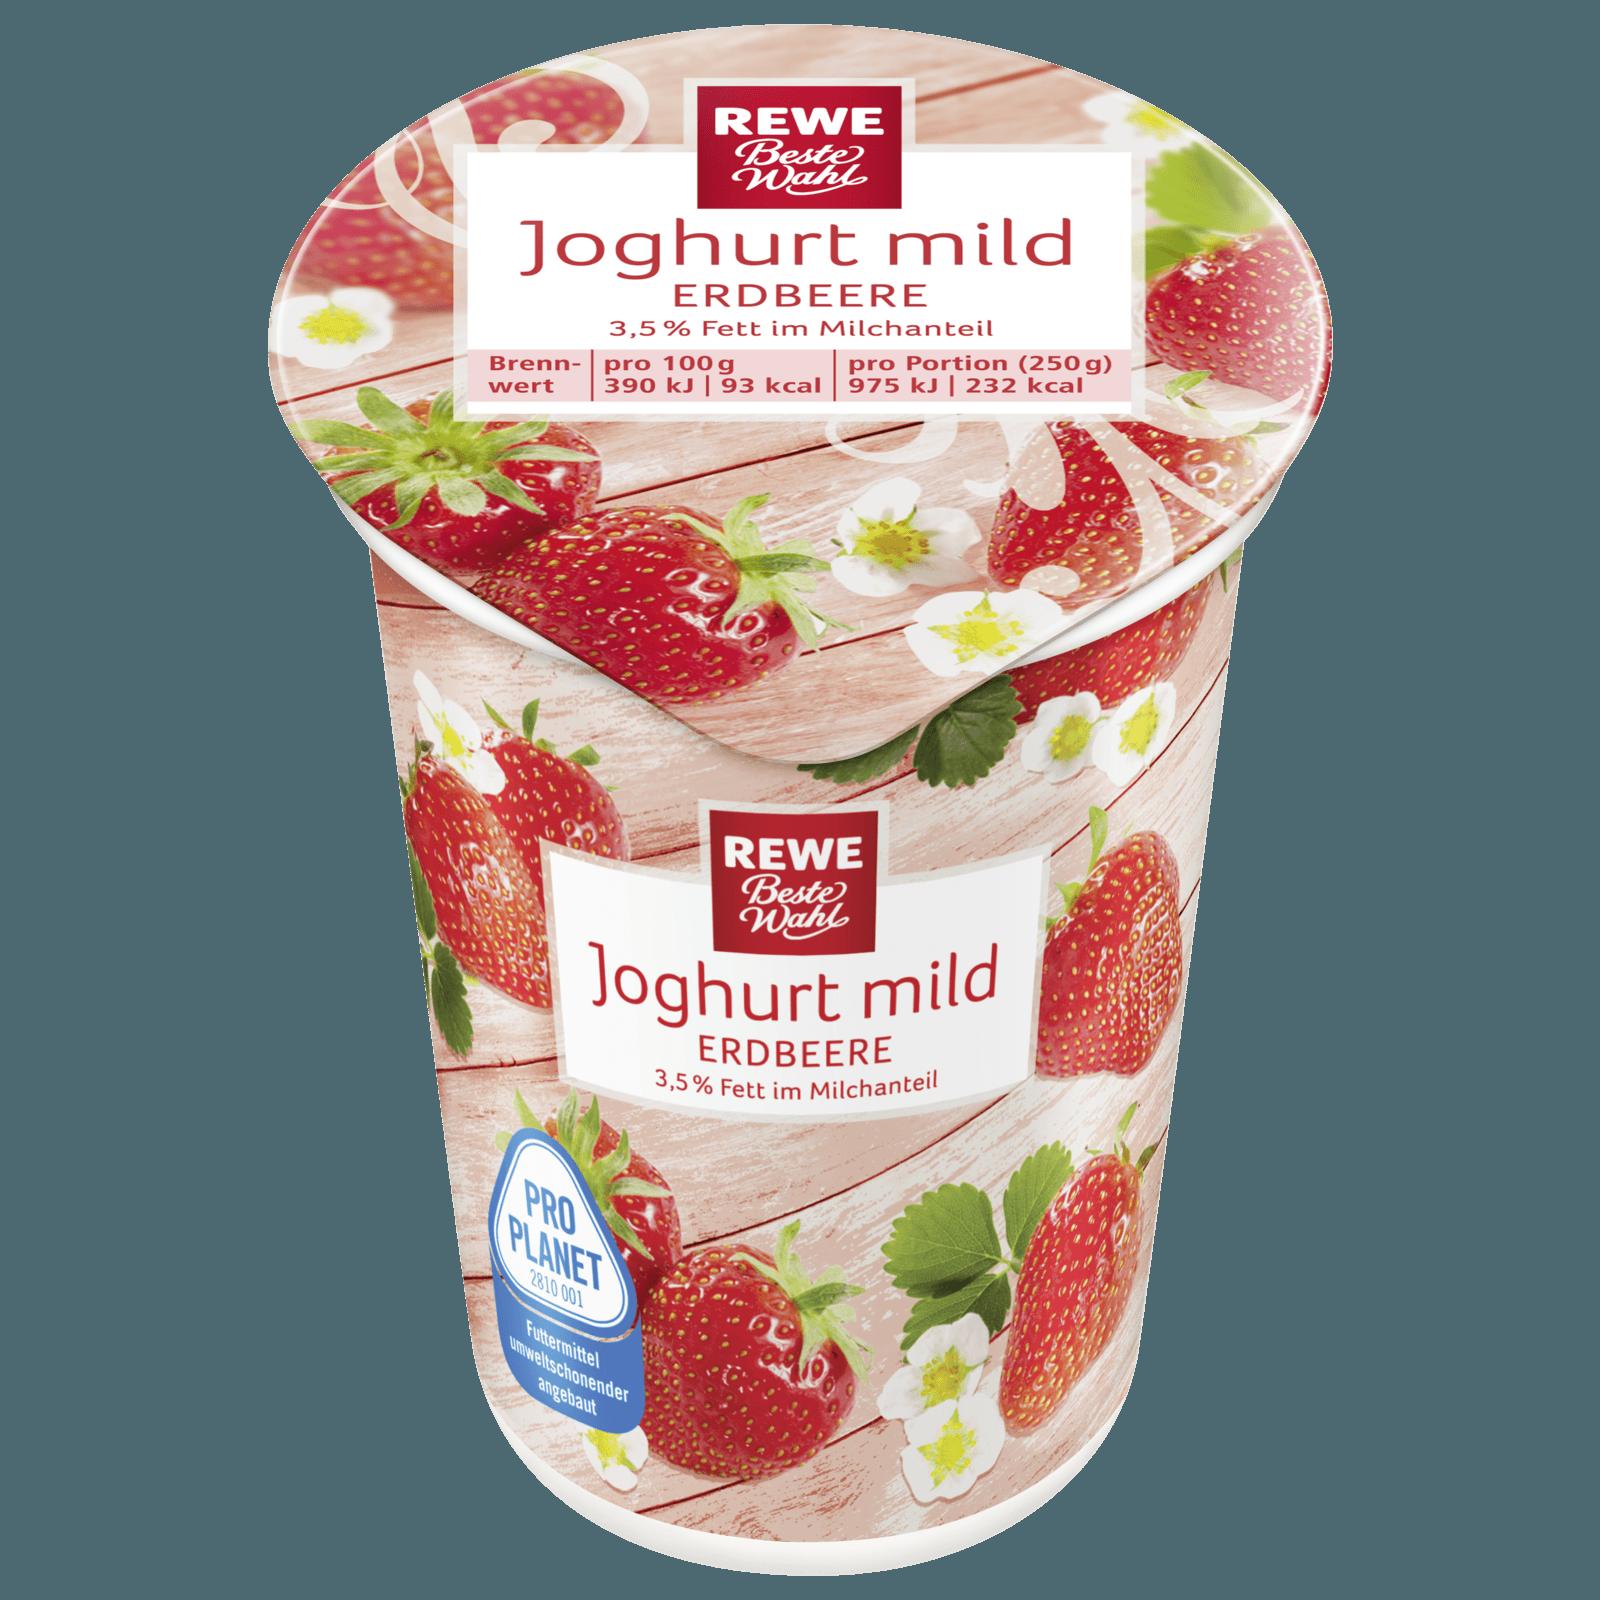 REWE Beste Wahl Joghurt mild Erdbeere 250g